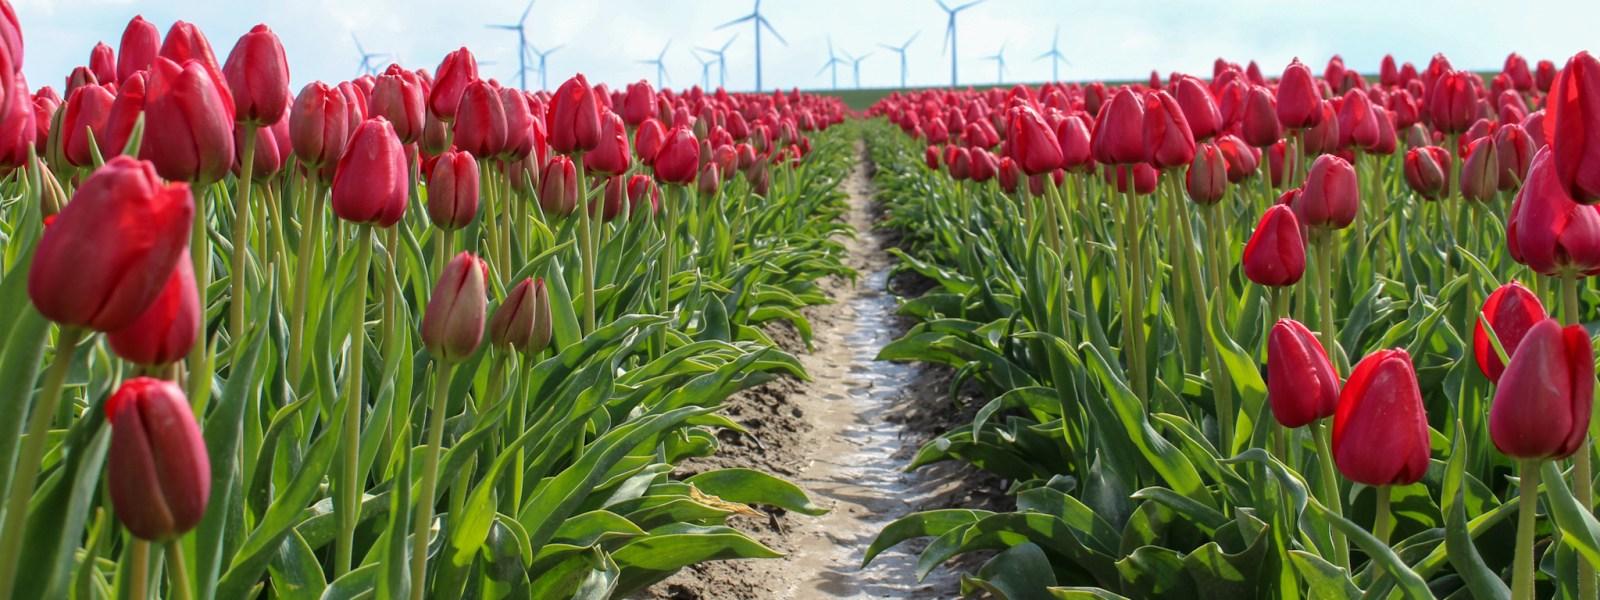 Kleurrijke roadtrip door Zuid-Holland: tulpenroute op Goeree Overflakkee